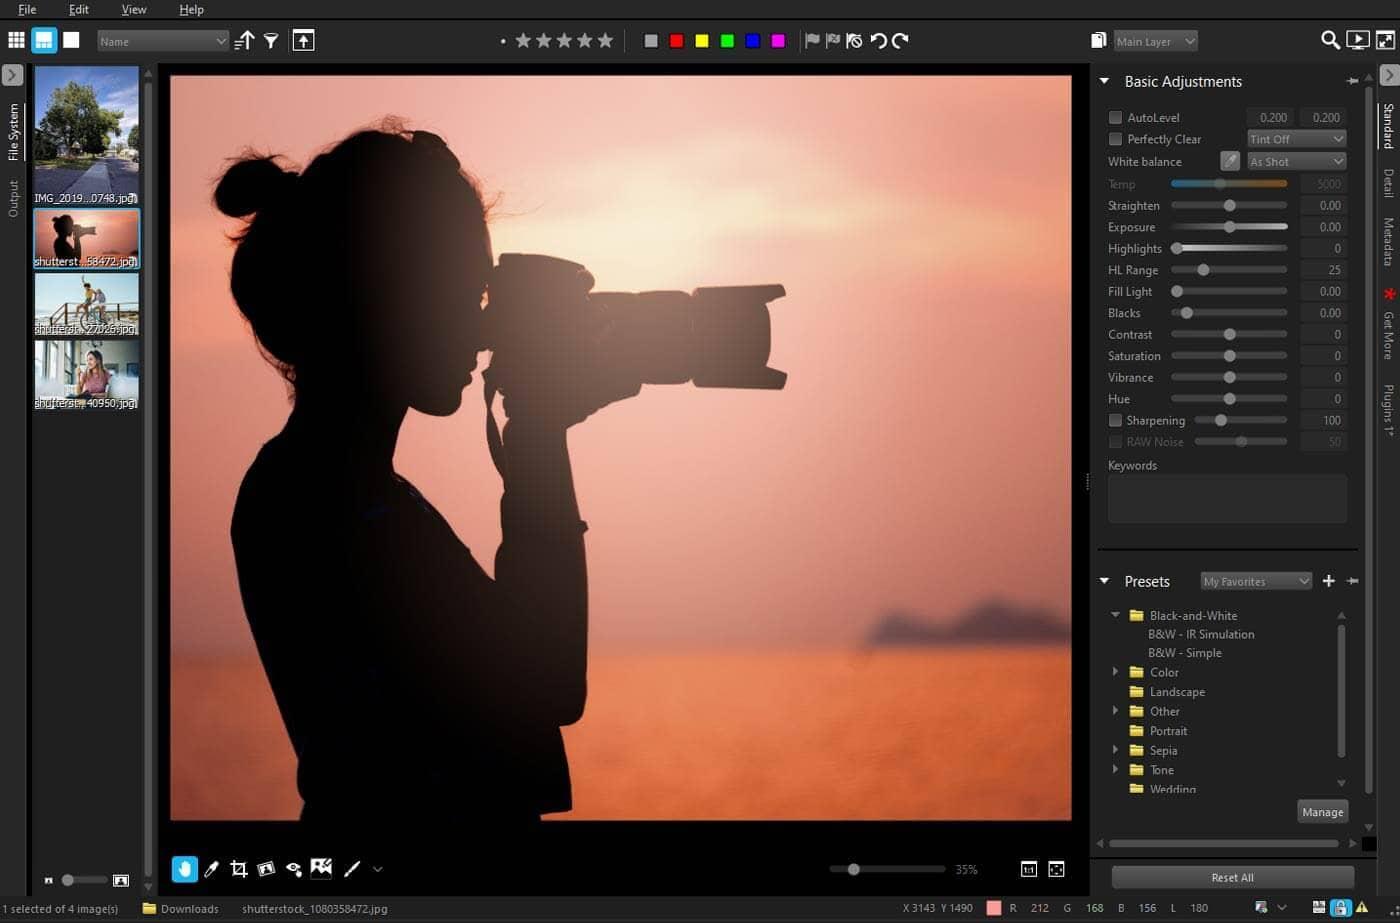 AfterShot 3 HDR